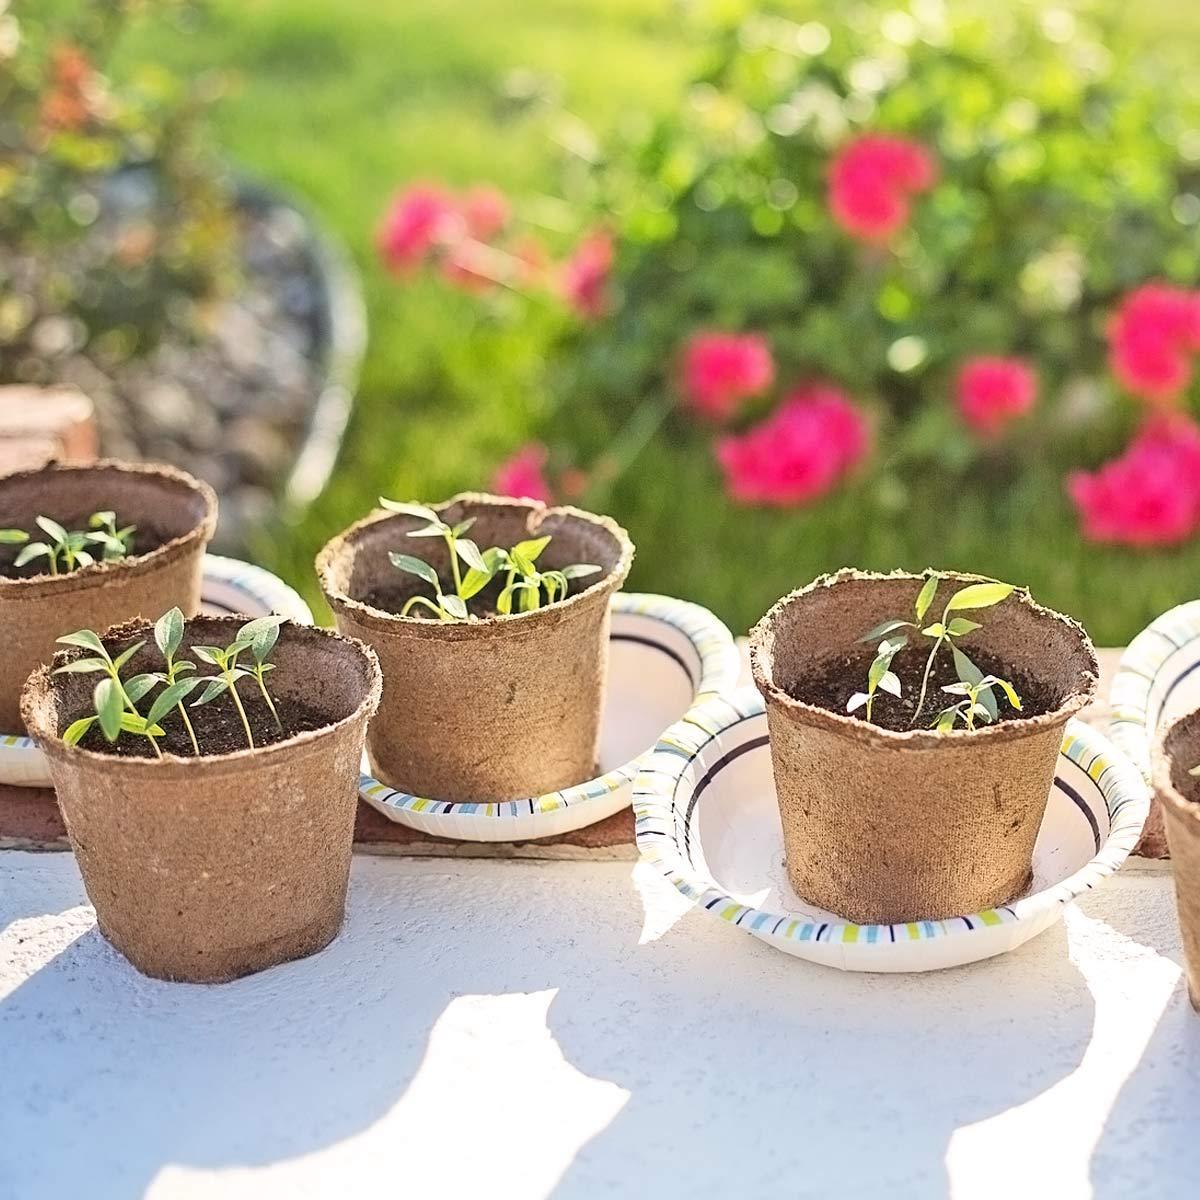 Acheter Le Bon Matériel Pour Le Potager Et Semis | Jardins ... pour Acheter Un Jardin Potager